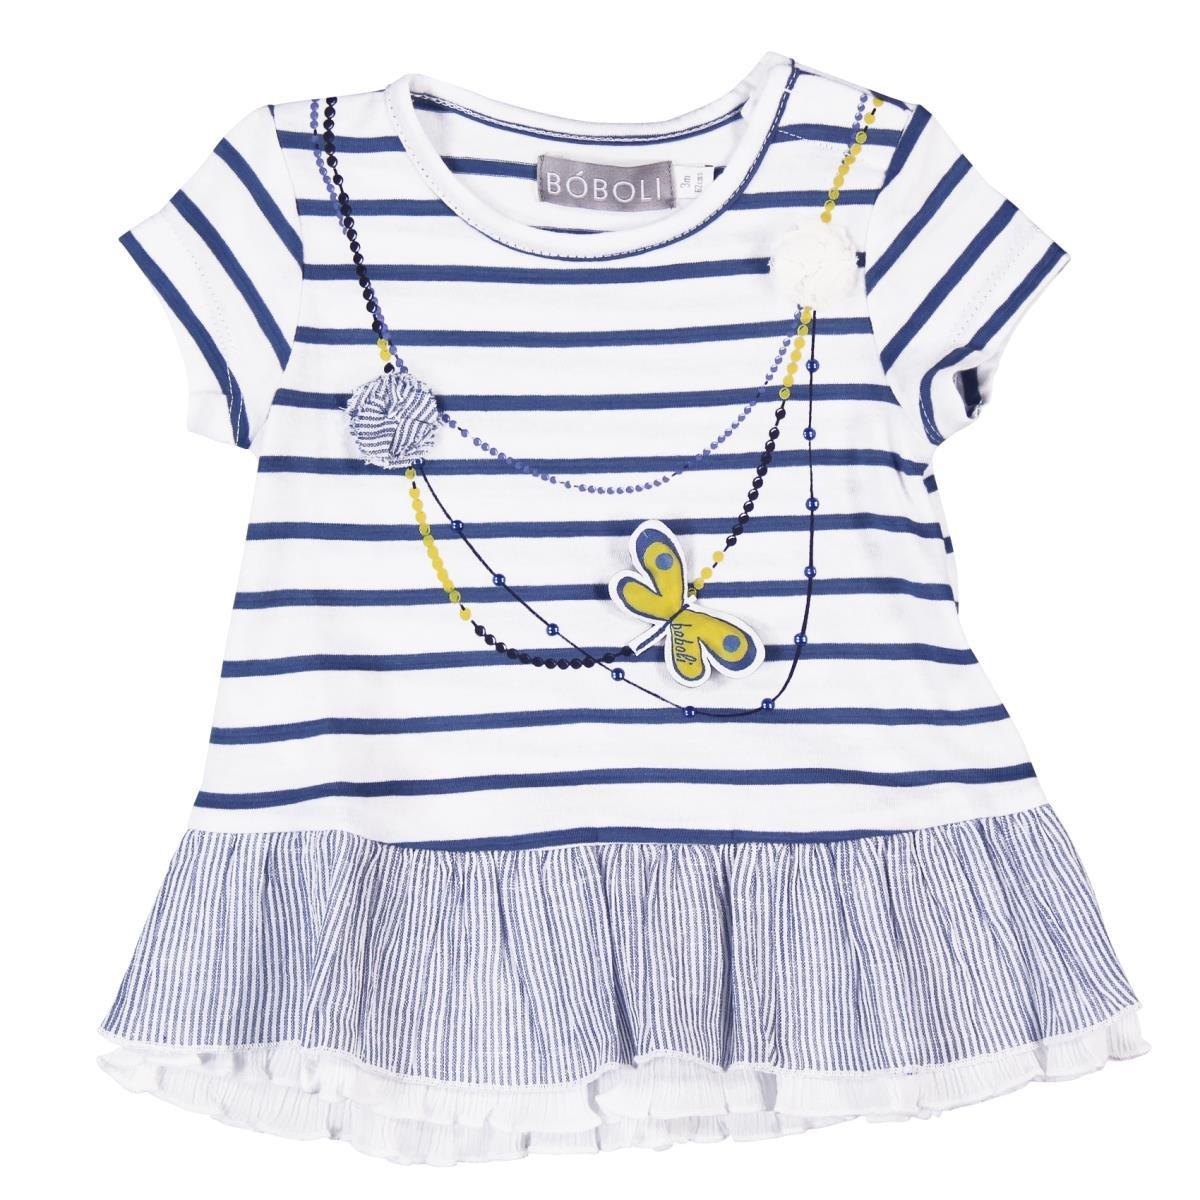 boboli Vestido para Bebés: Amazon.es: Ropa y accesorios